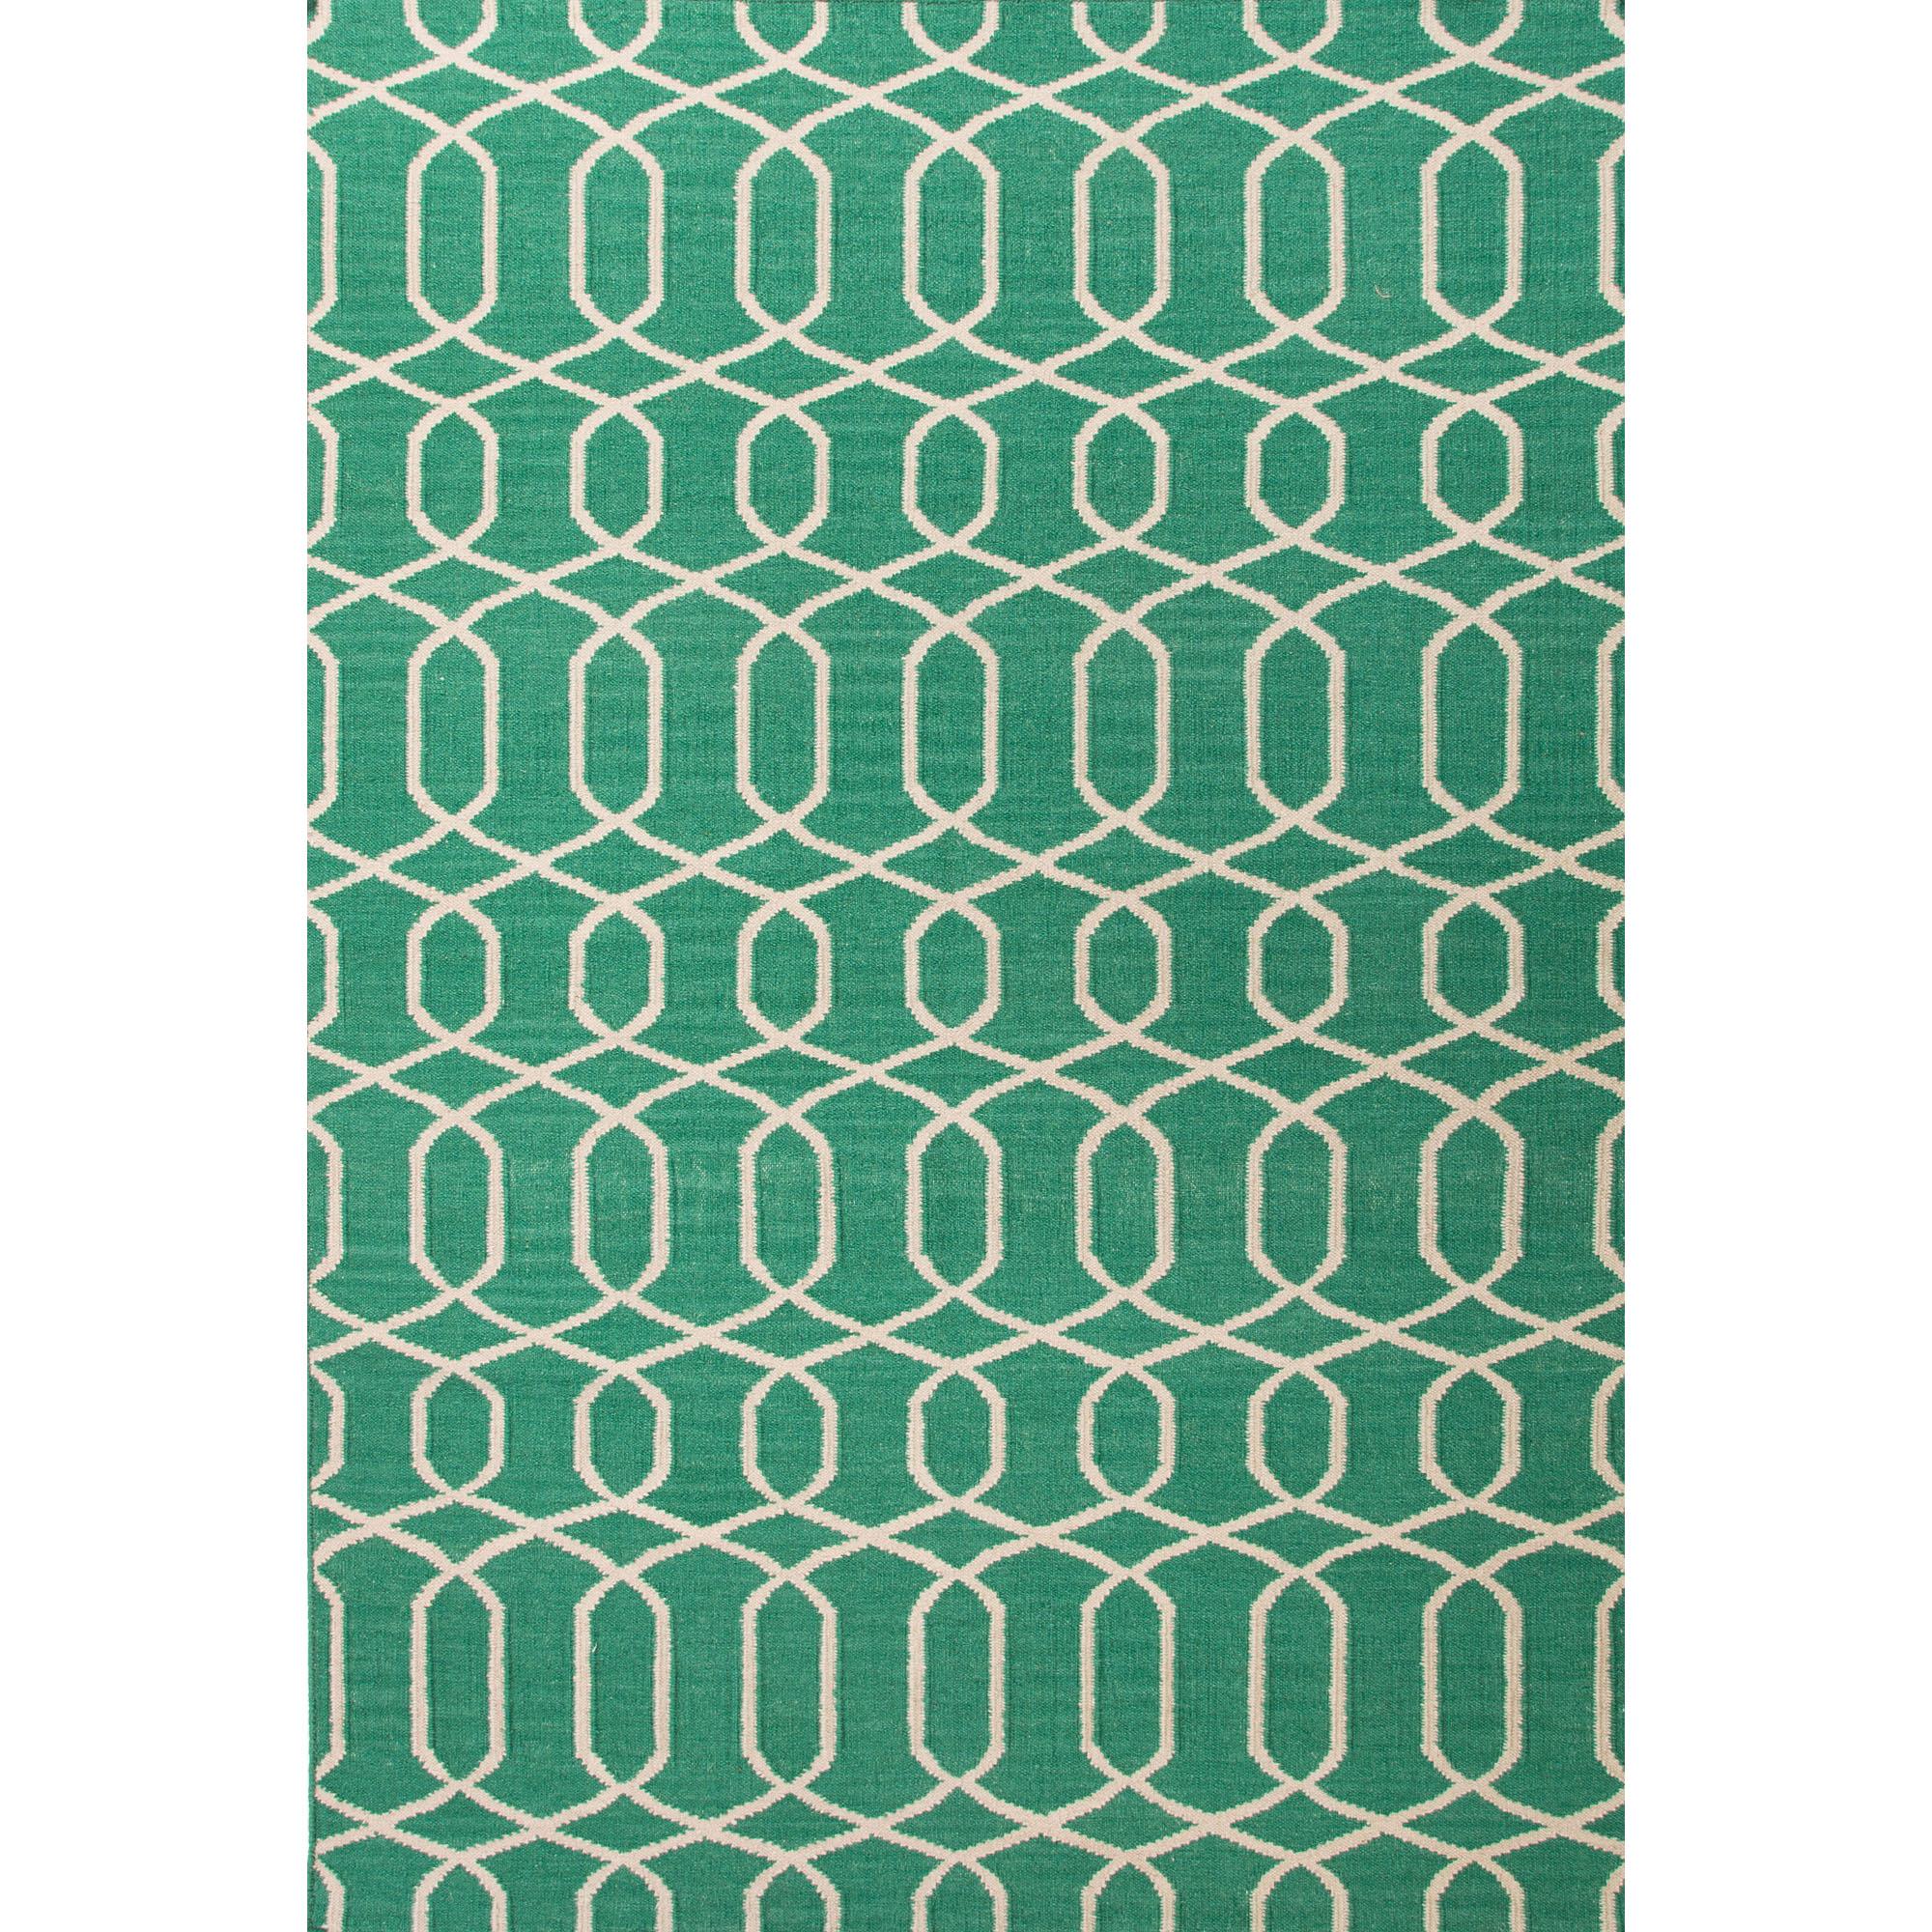 JAIPUR Rugs Urban Bungalow 3.6 x 5.6 Rug - Item Number: RUG113236